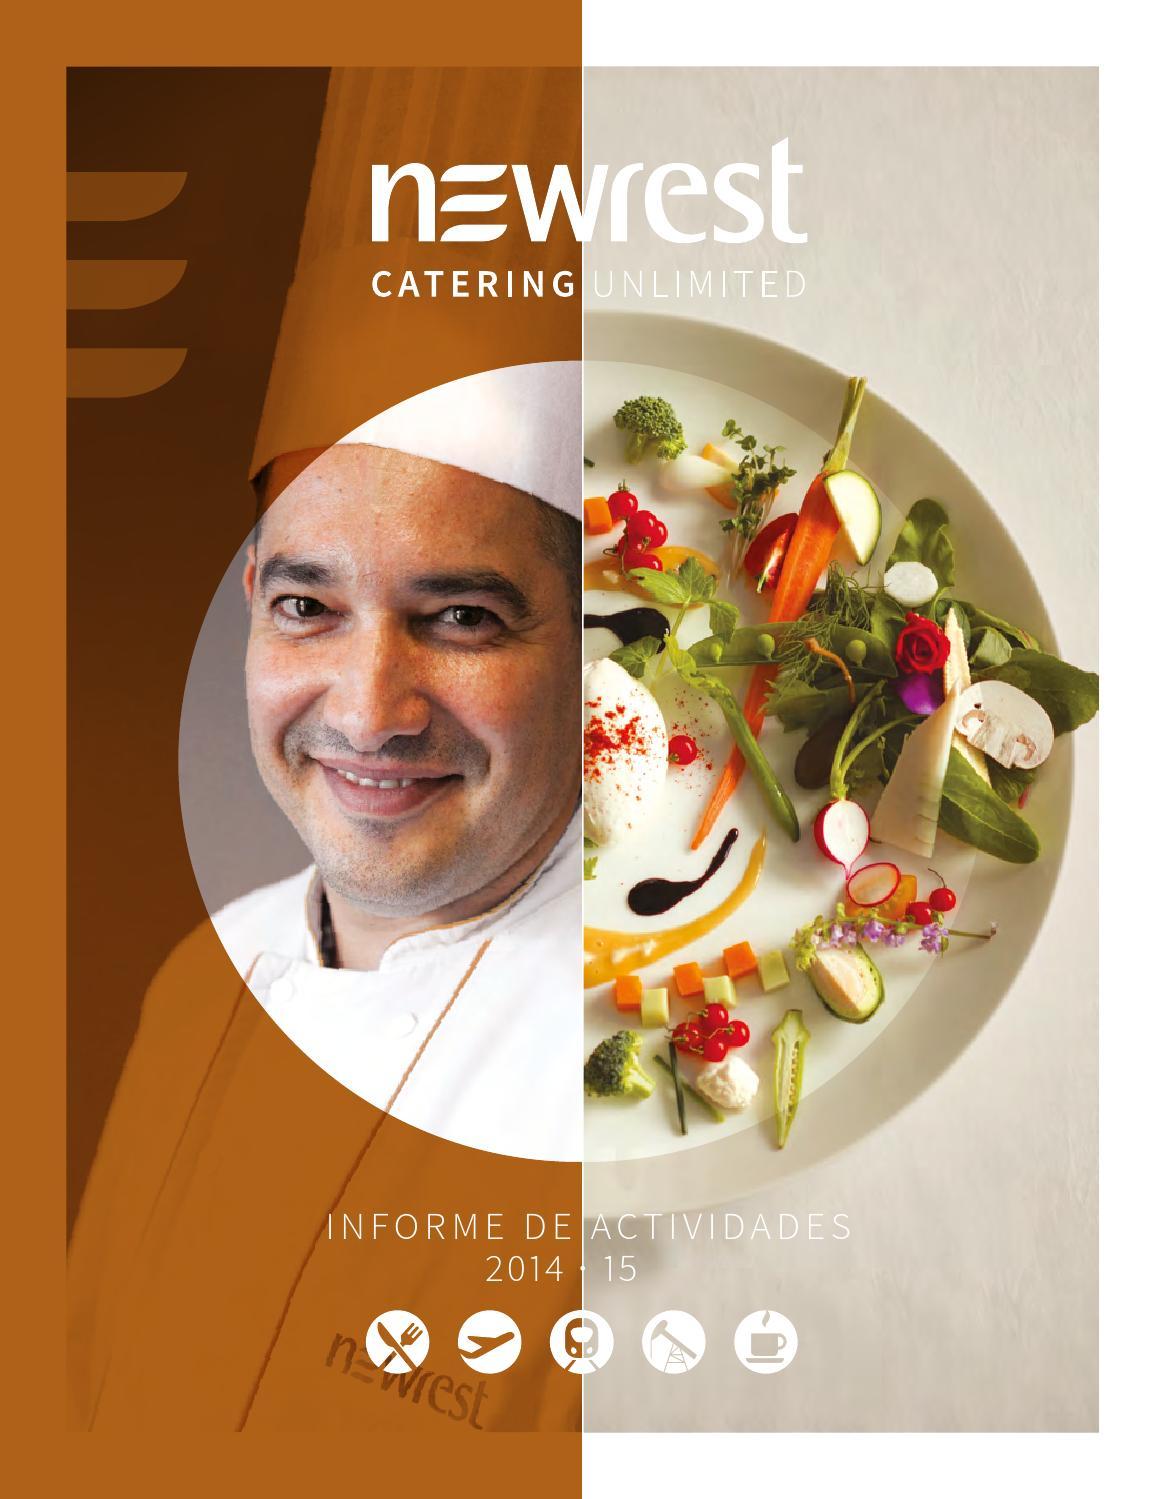 Informe de actividades 2014/15 by Newrest - issuu